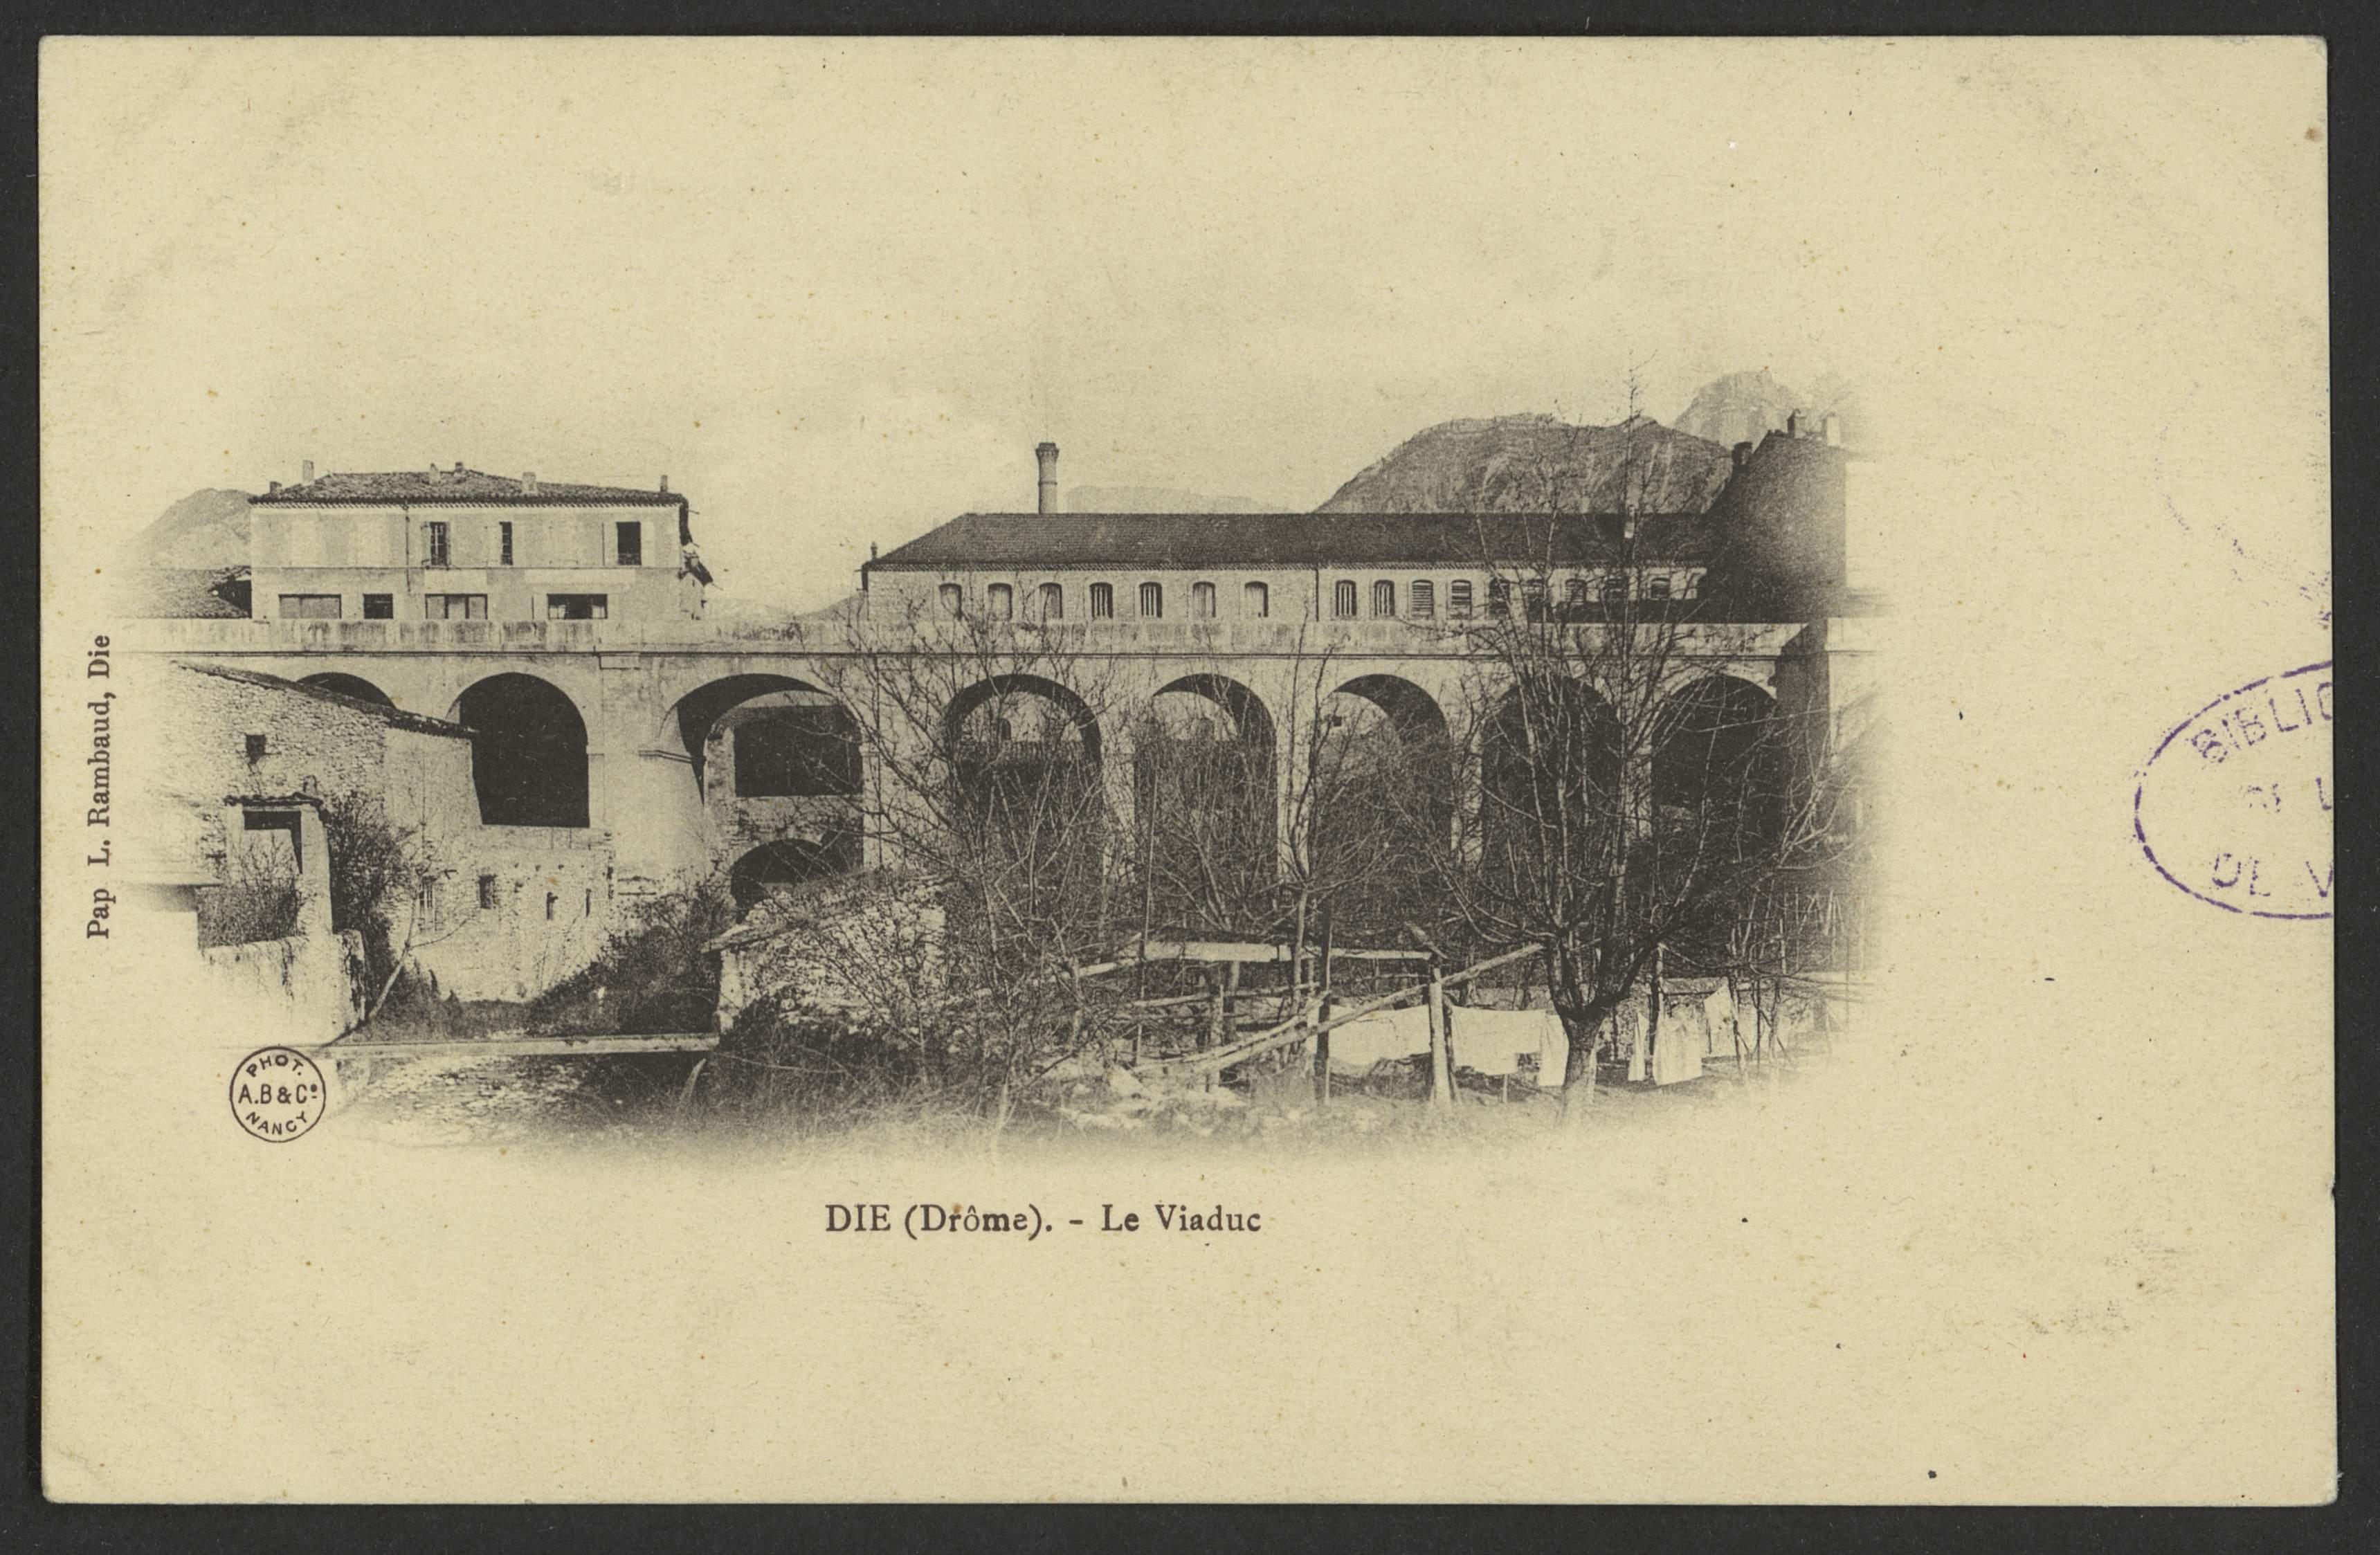 Die (Drôme). - Le Viaduc